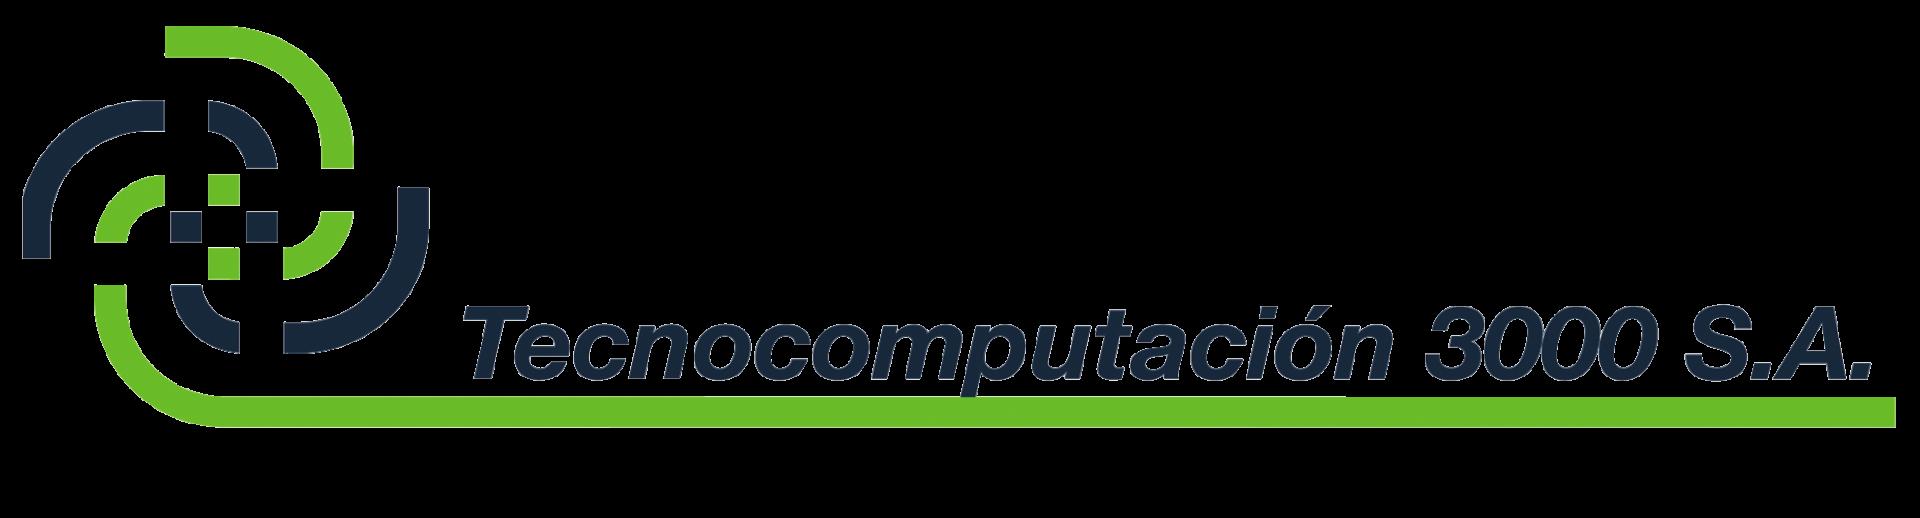 Tecnocomputación 3000 S.A.